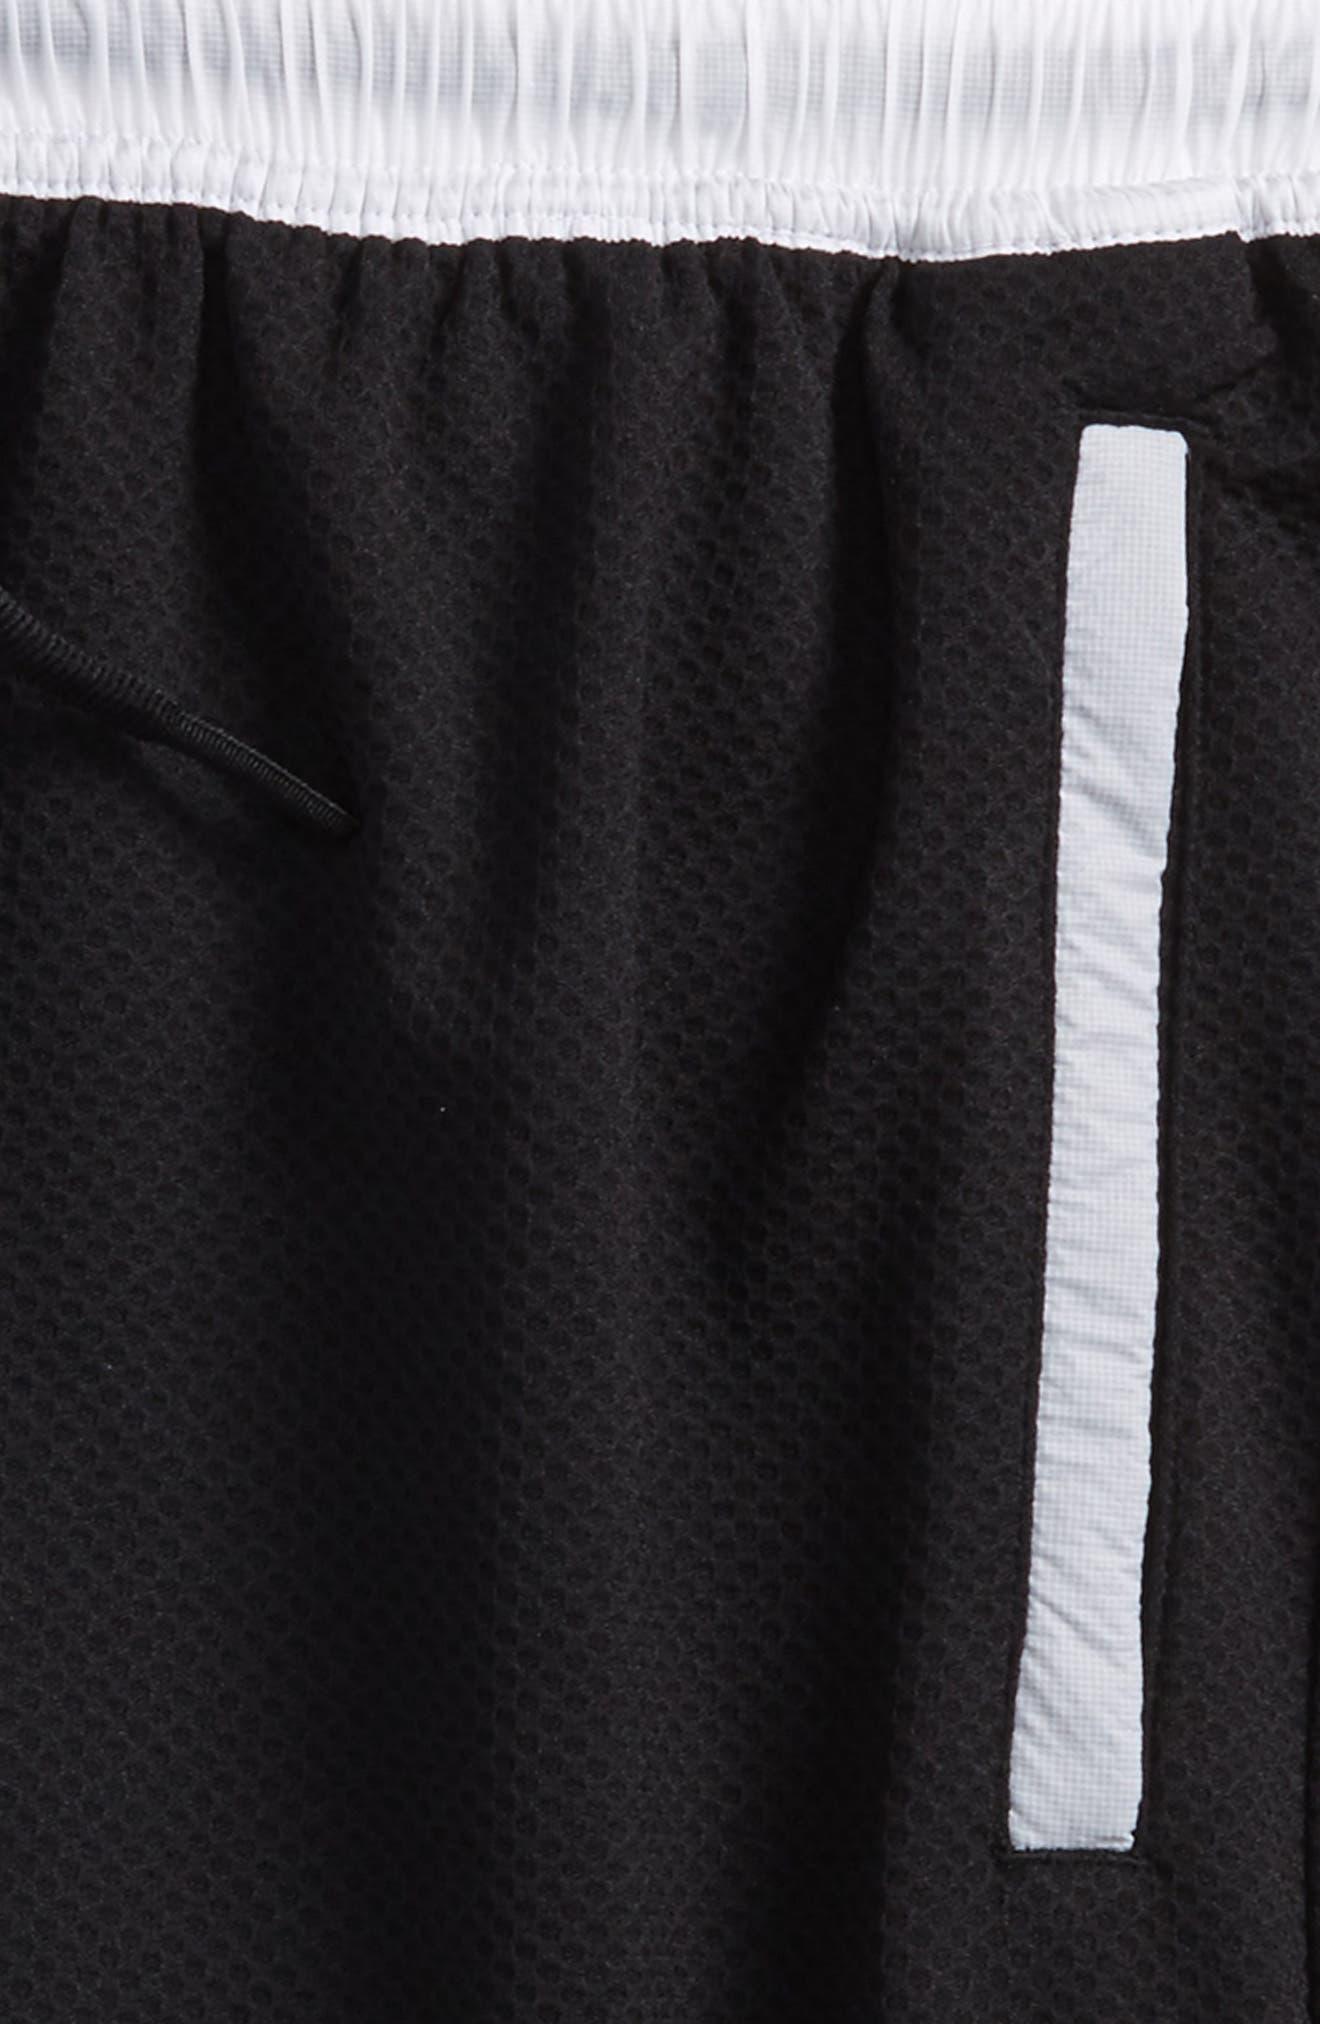 EQT Shorts,                             Alternate thumbnail 2, color,                             001